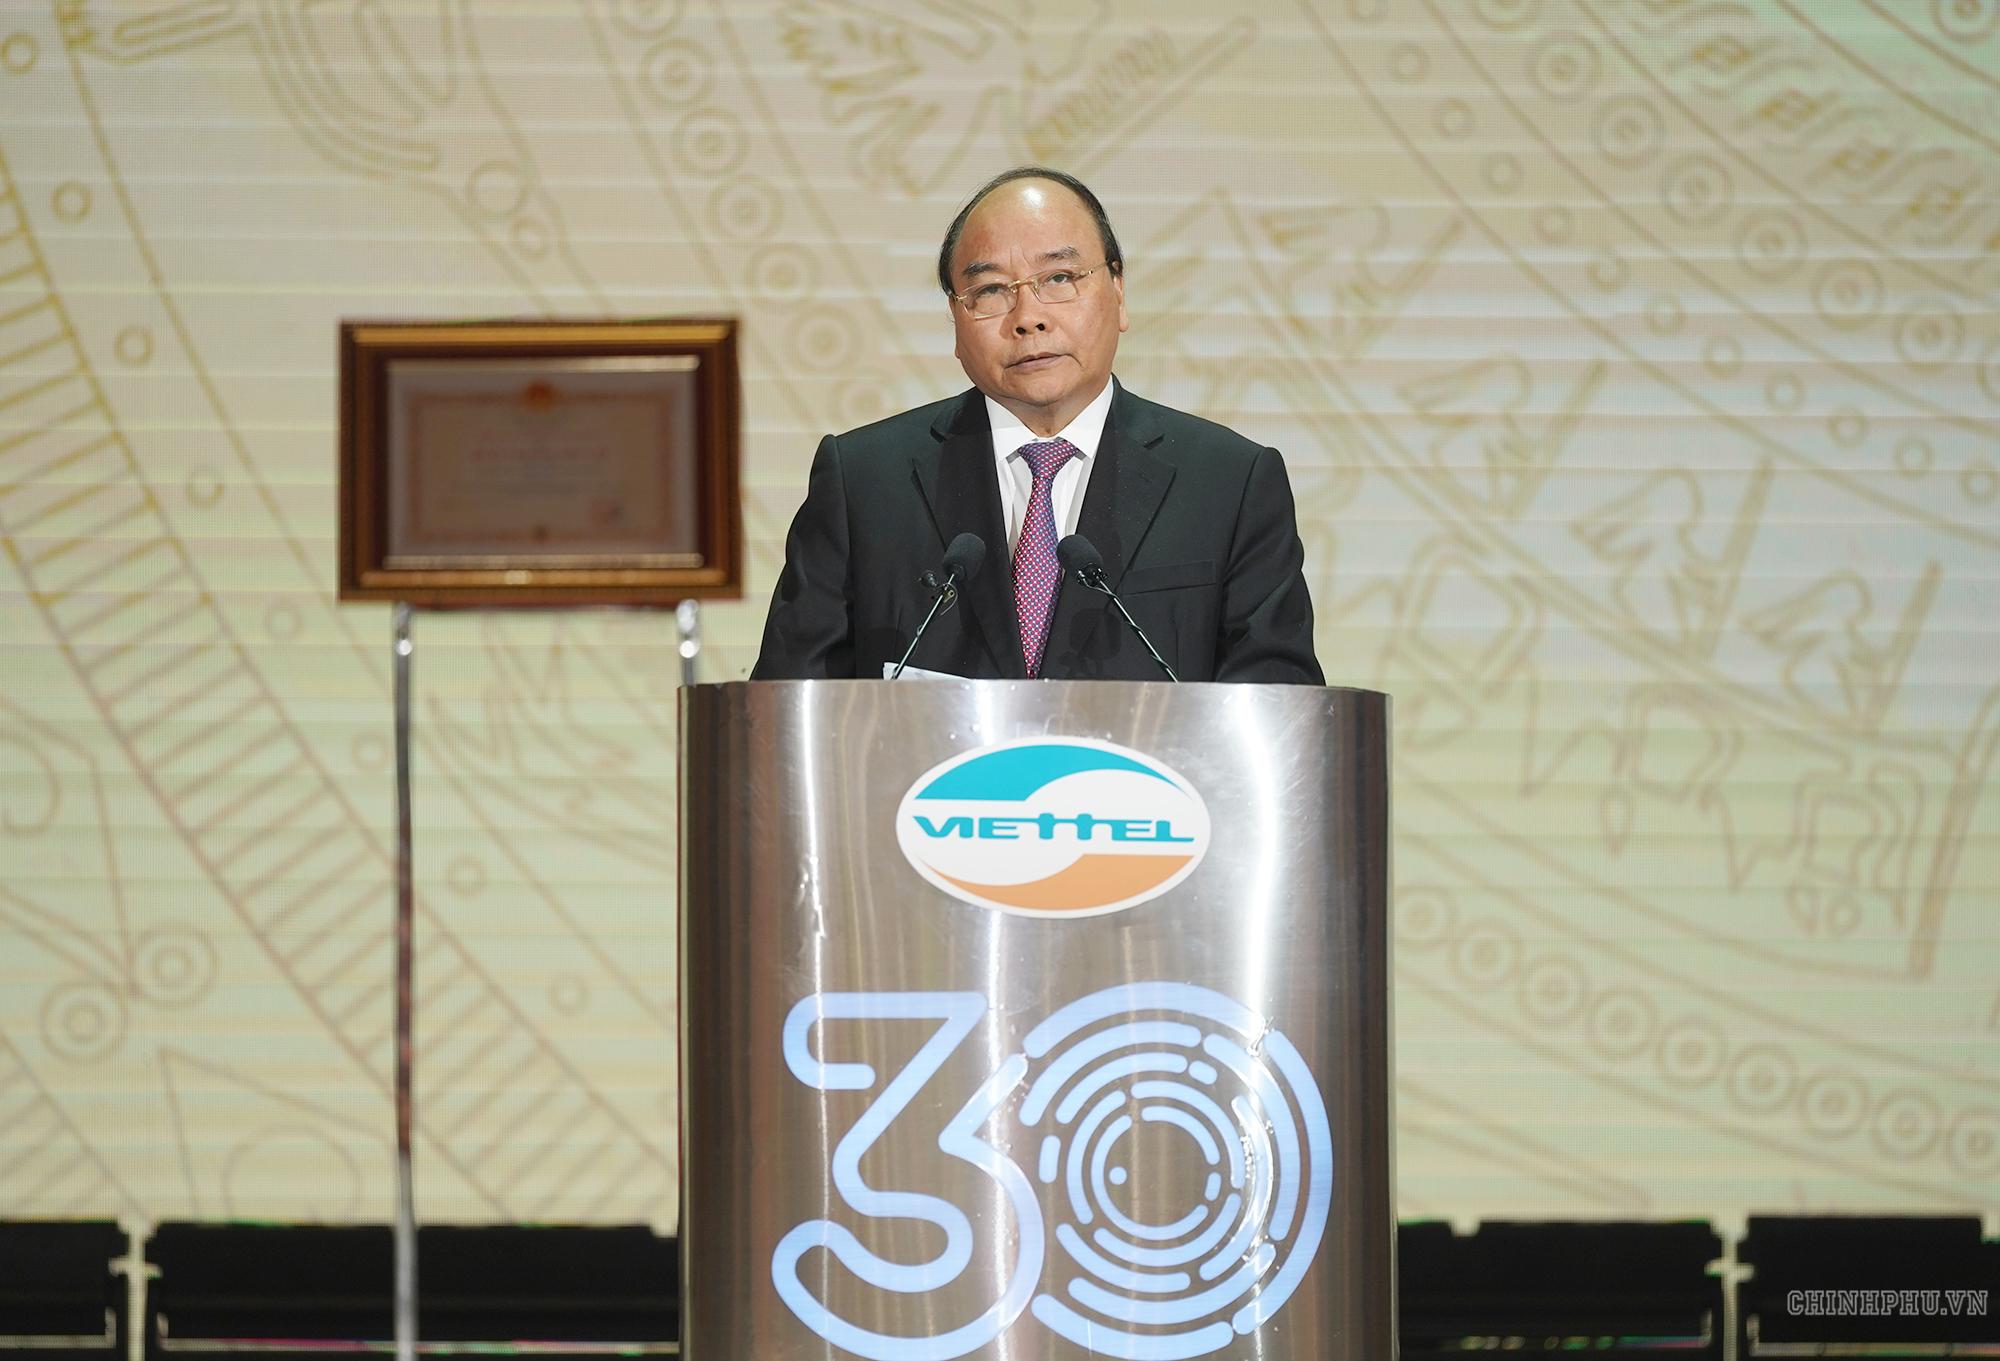 Viettel cần phấn đấu trở thành tập đoàn mạnh tầm khu vực và thế giới